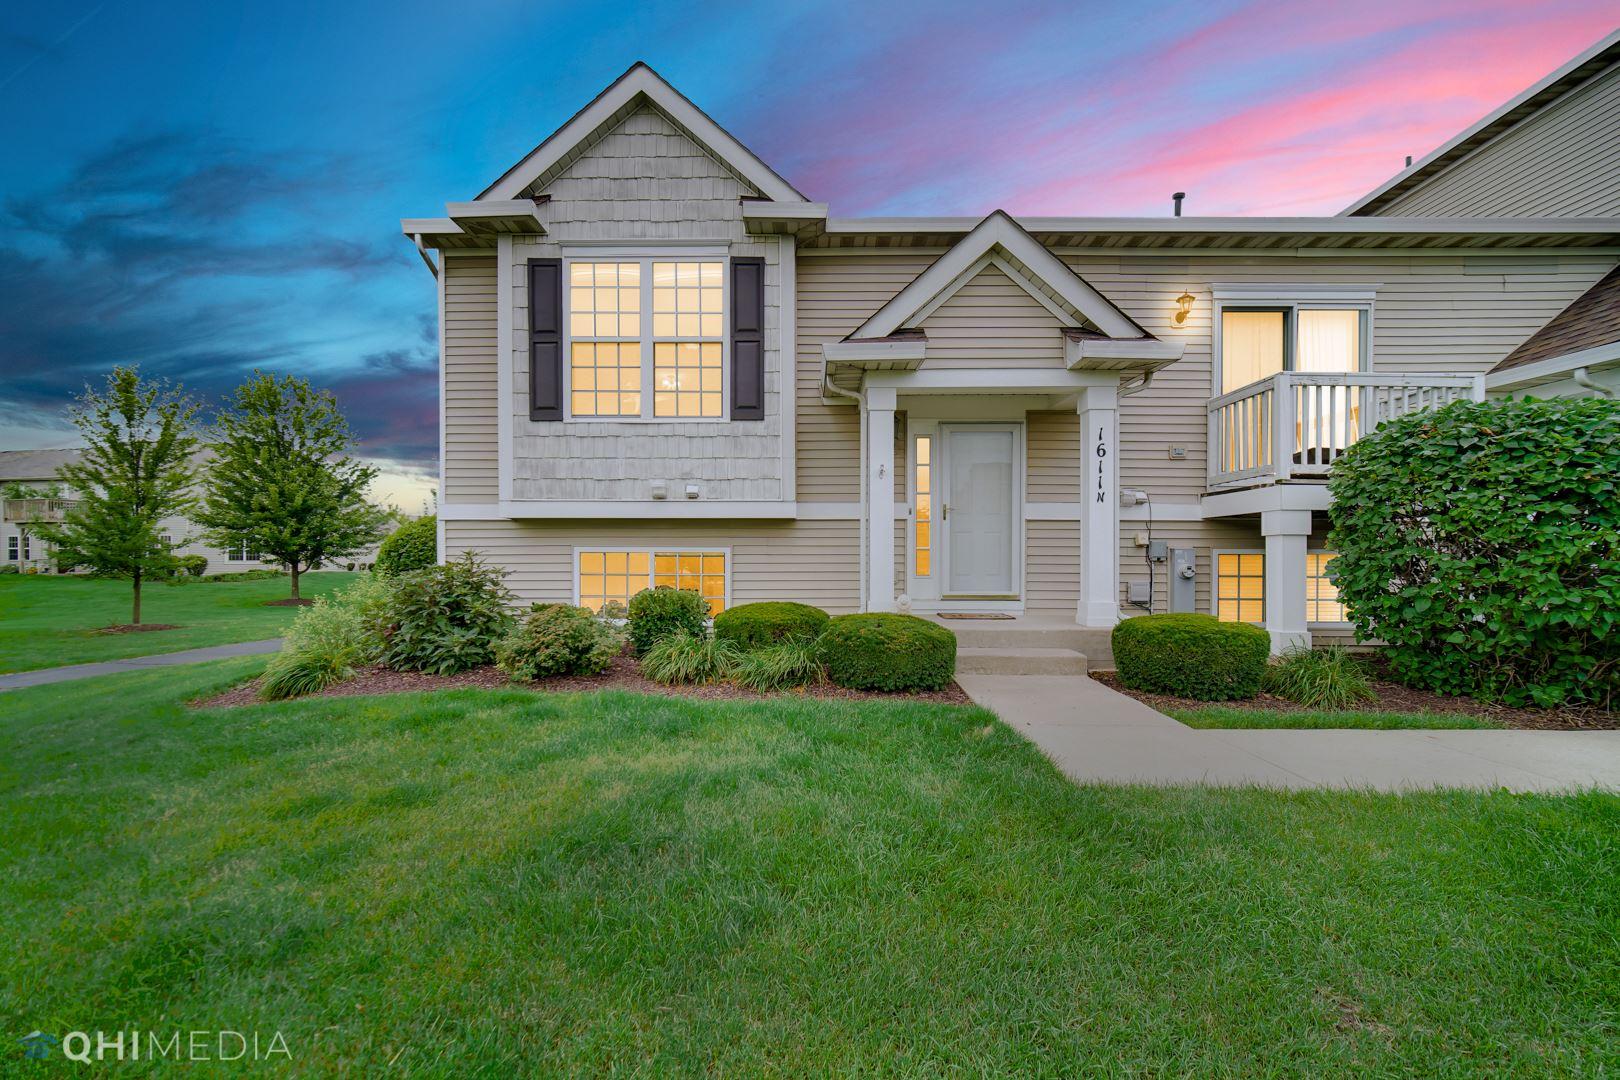 Photo of 1611 Fieldstone Drive N, Shorewood, IL 60404 (MLS # 11156020)